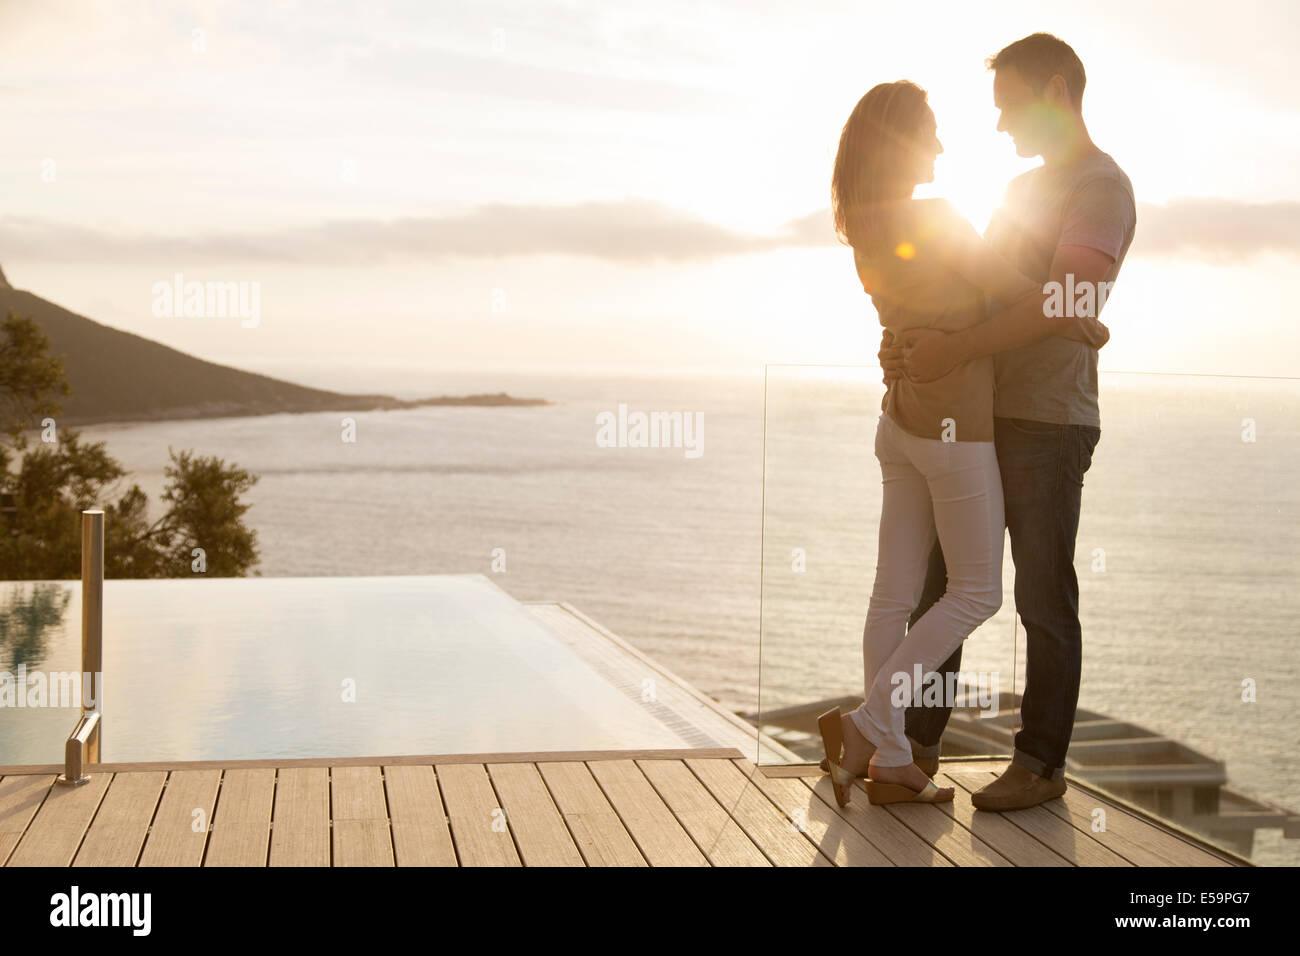 Couple on wooden deck overlooking ocean - Stock Image